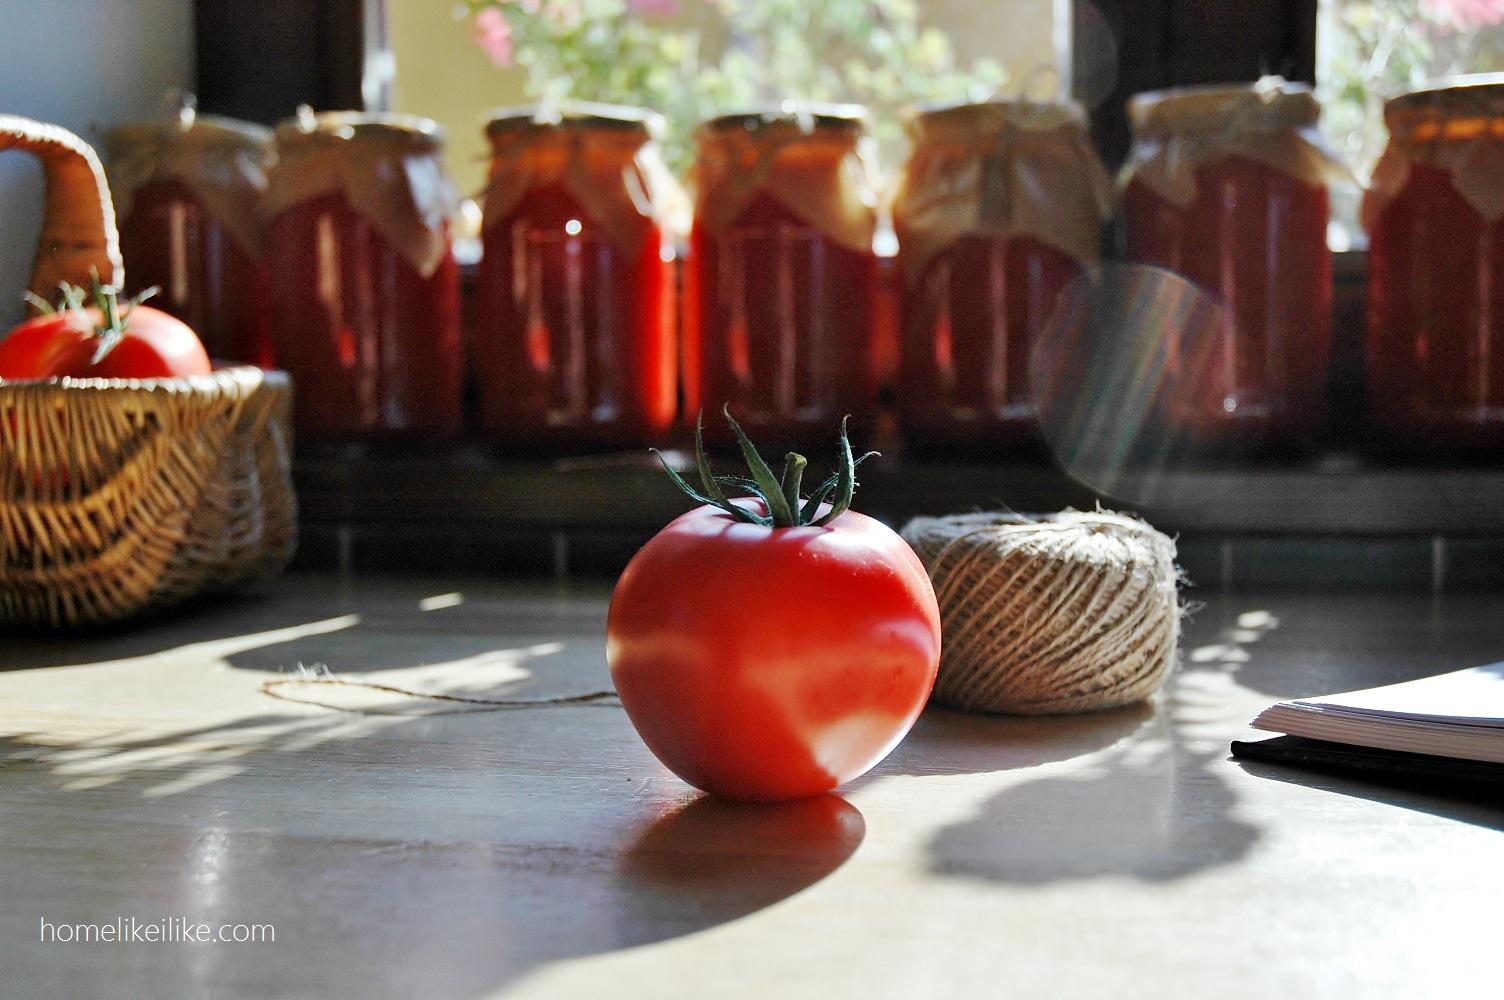 pomidor - homelikeilike.com